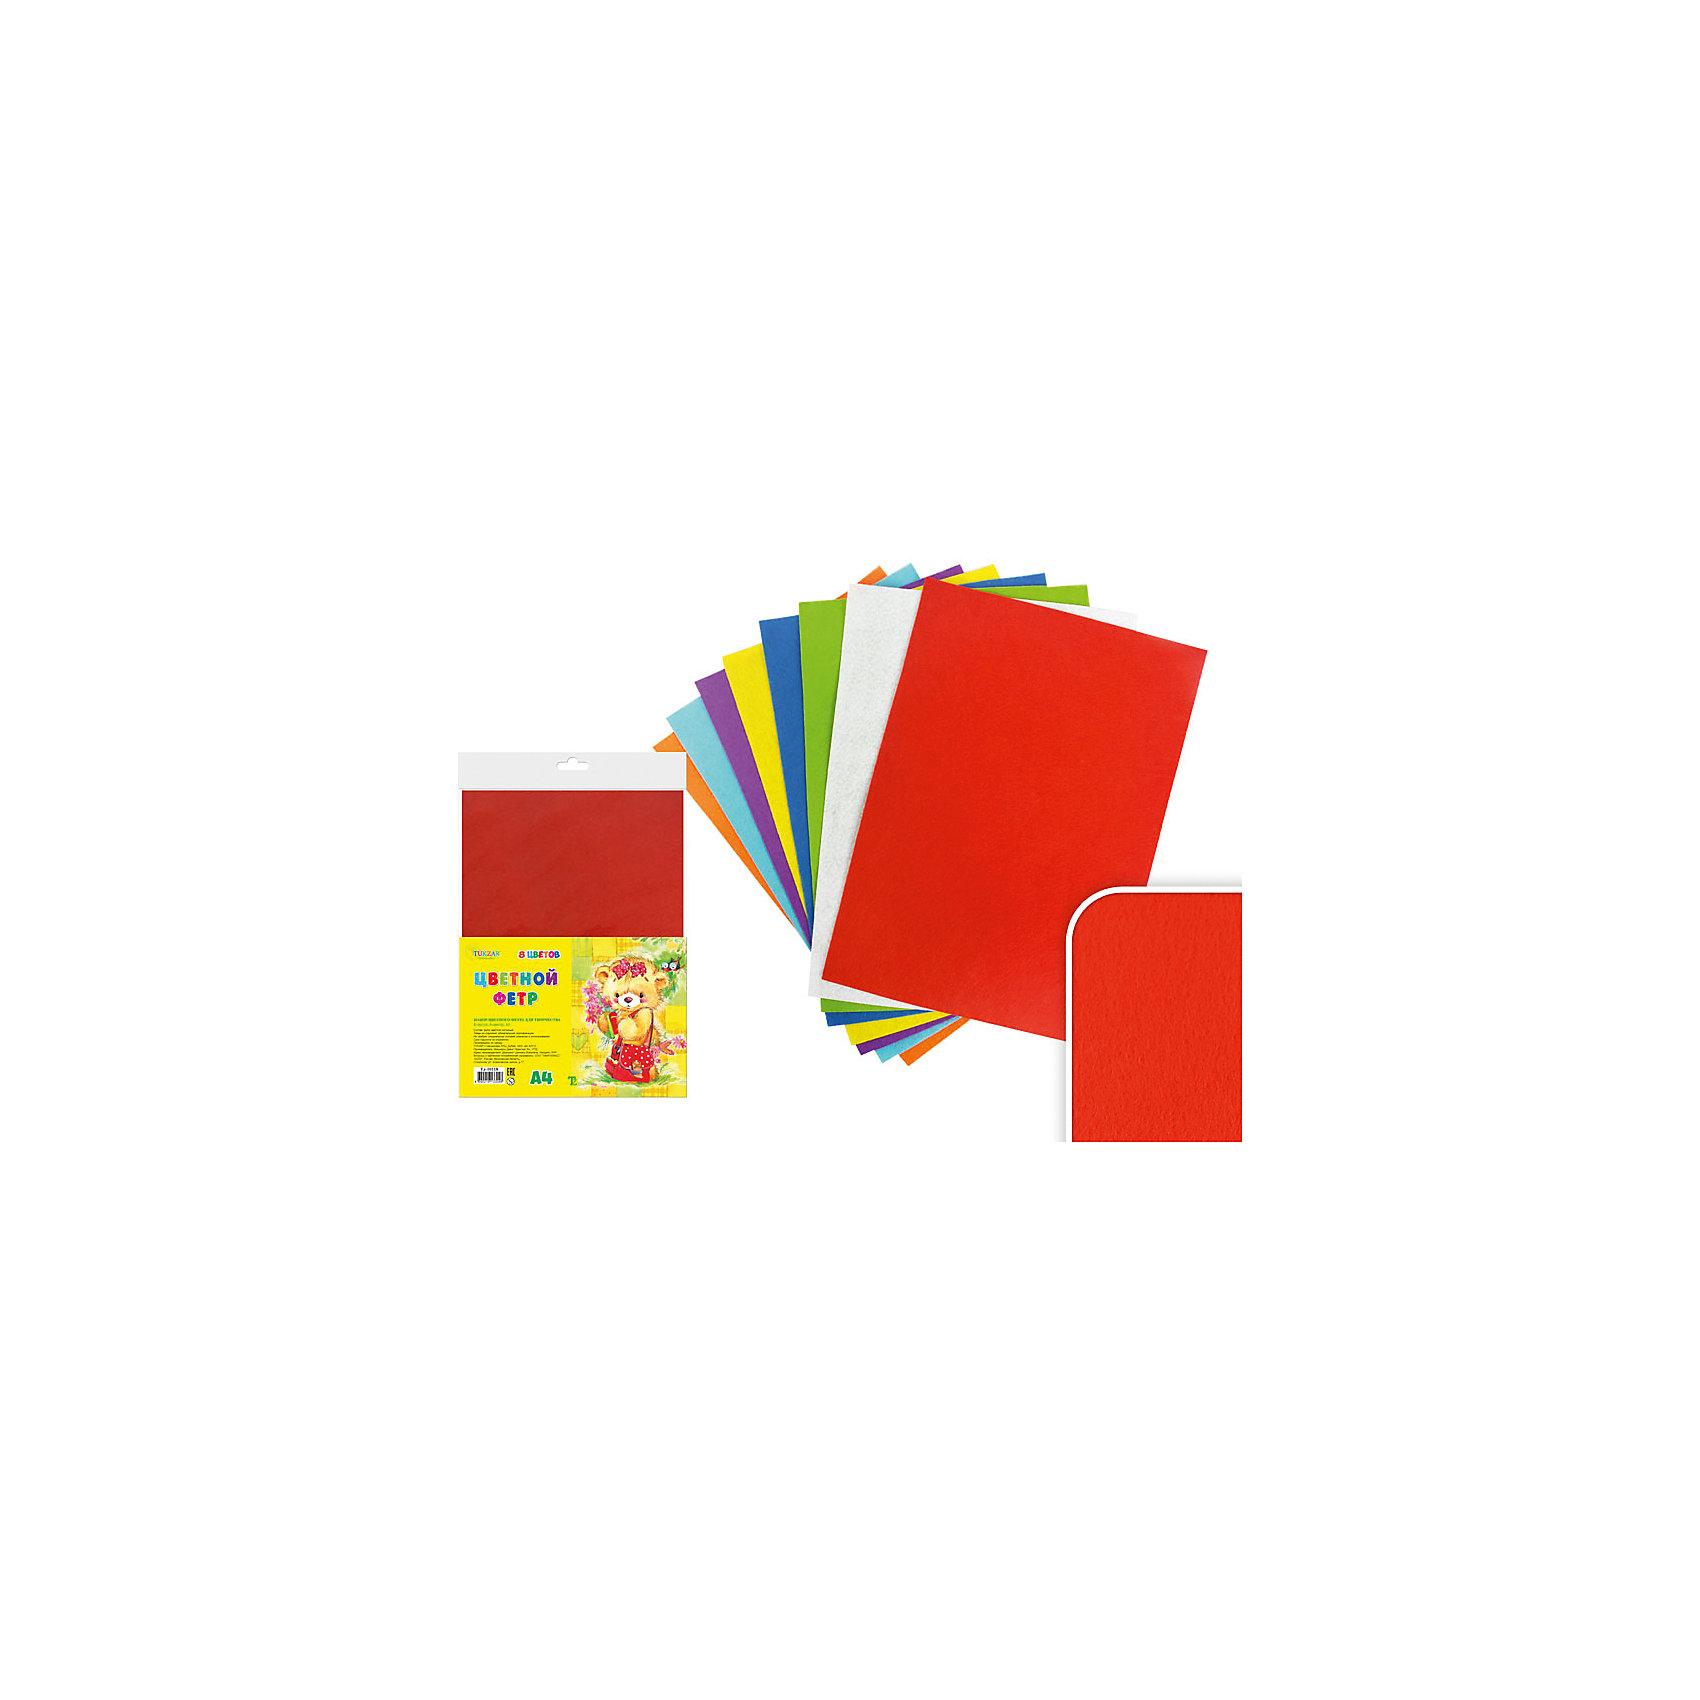 Набор цветного фетра А4 (8 листов, 8 цветов)Набор цветного фетра подойдет для различных аппликаций, позволит ребенку в полной мере выразить себя в творческой деятельности. Фетр - яркий, приятный на ощупь, легко приклеивается. <br><br>Дополнительная информация:<br><br>- Материал: фетр.<br>- Формат листа: А4.<br>- 8 листов в комплекте.<br>- 8 цветов. <br><br>Набор цветного фетра А4 (8 листов, 8 цветов) можно купить в нашем магазине.<br><br>Ширина мм: 305<br>Глубина мм: 212<br>Высота мм: 5<br>Вес г: 100<br>Возраст от месяцев: 36<br>Возраст до месяцев: 2147483647<br>Пол: Унисекс<br>Возраст: Детский<br>SKU: 4558404